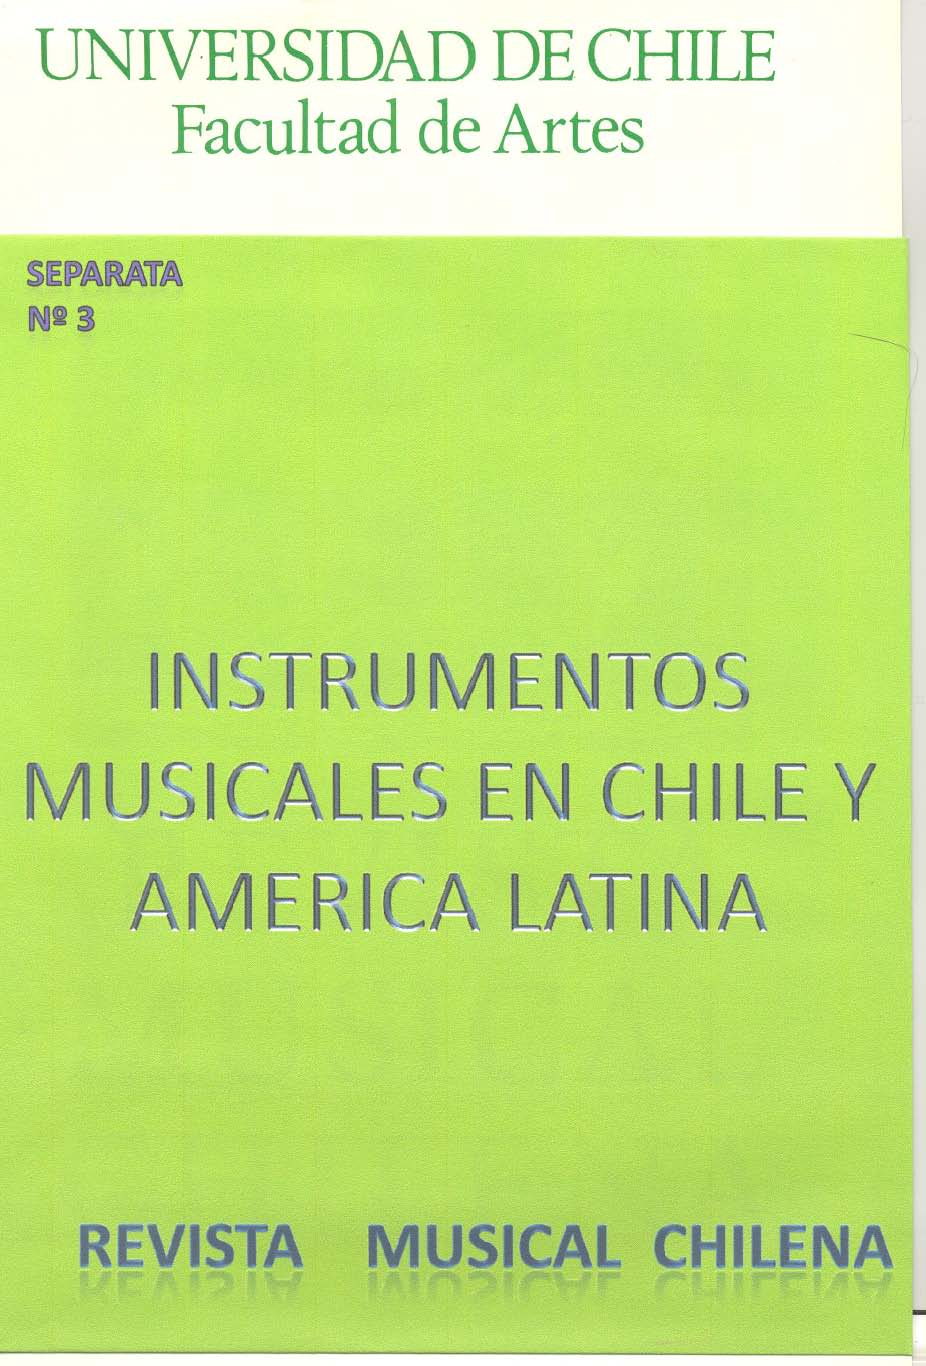 Instrumentos Musicales en Chile y America Latina